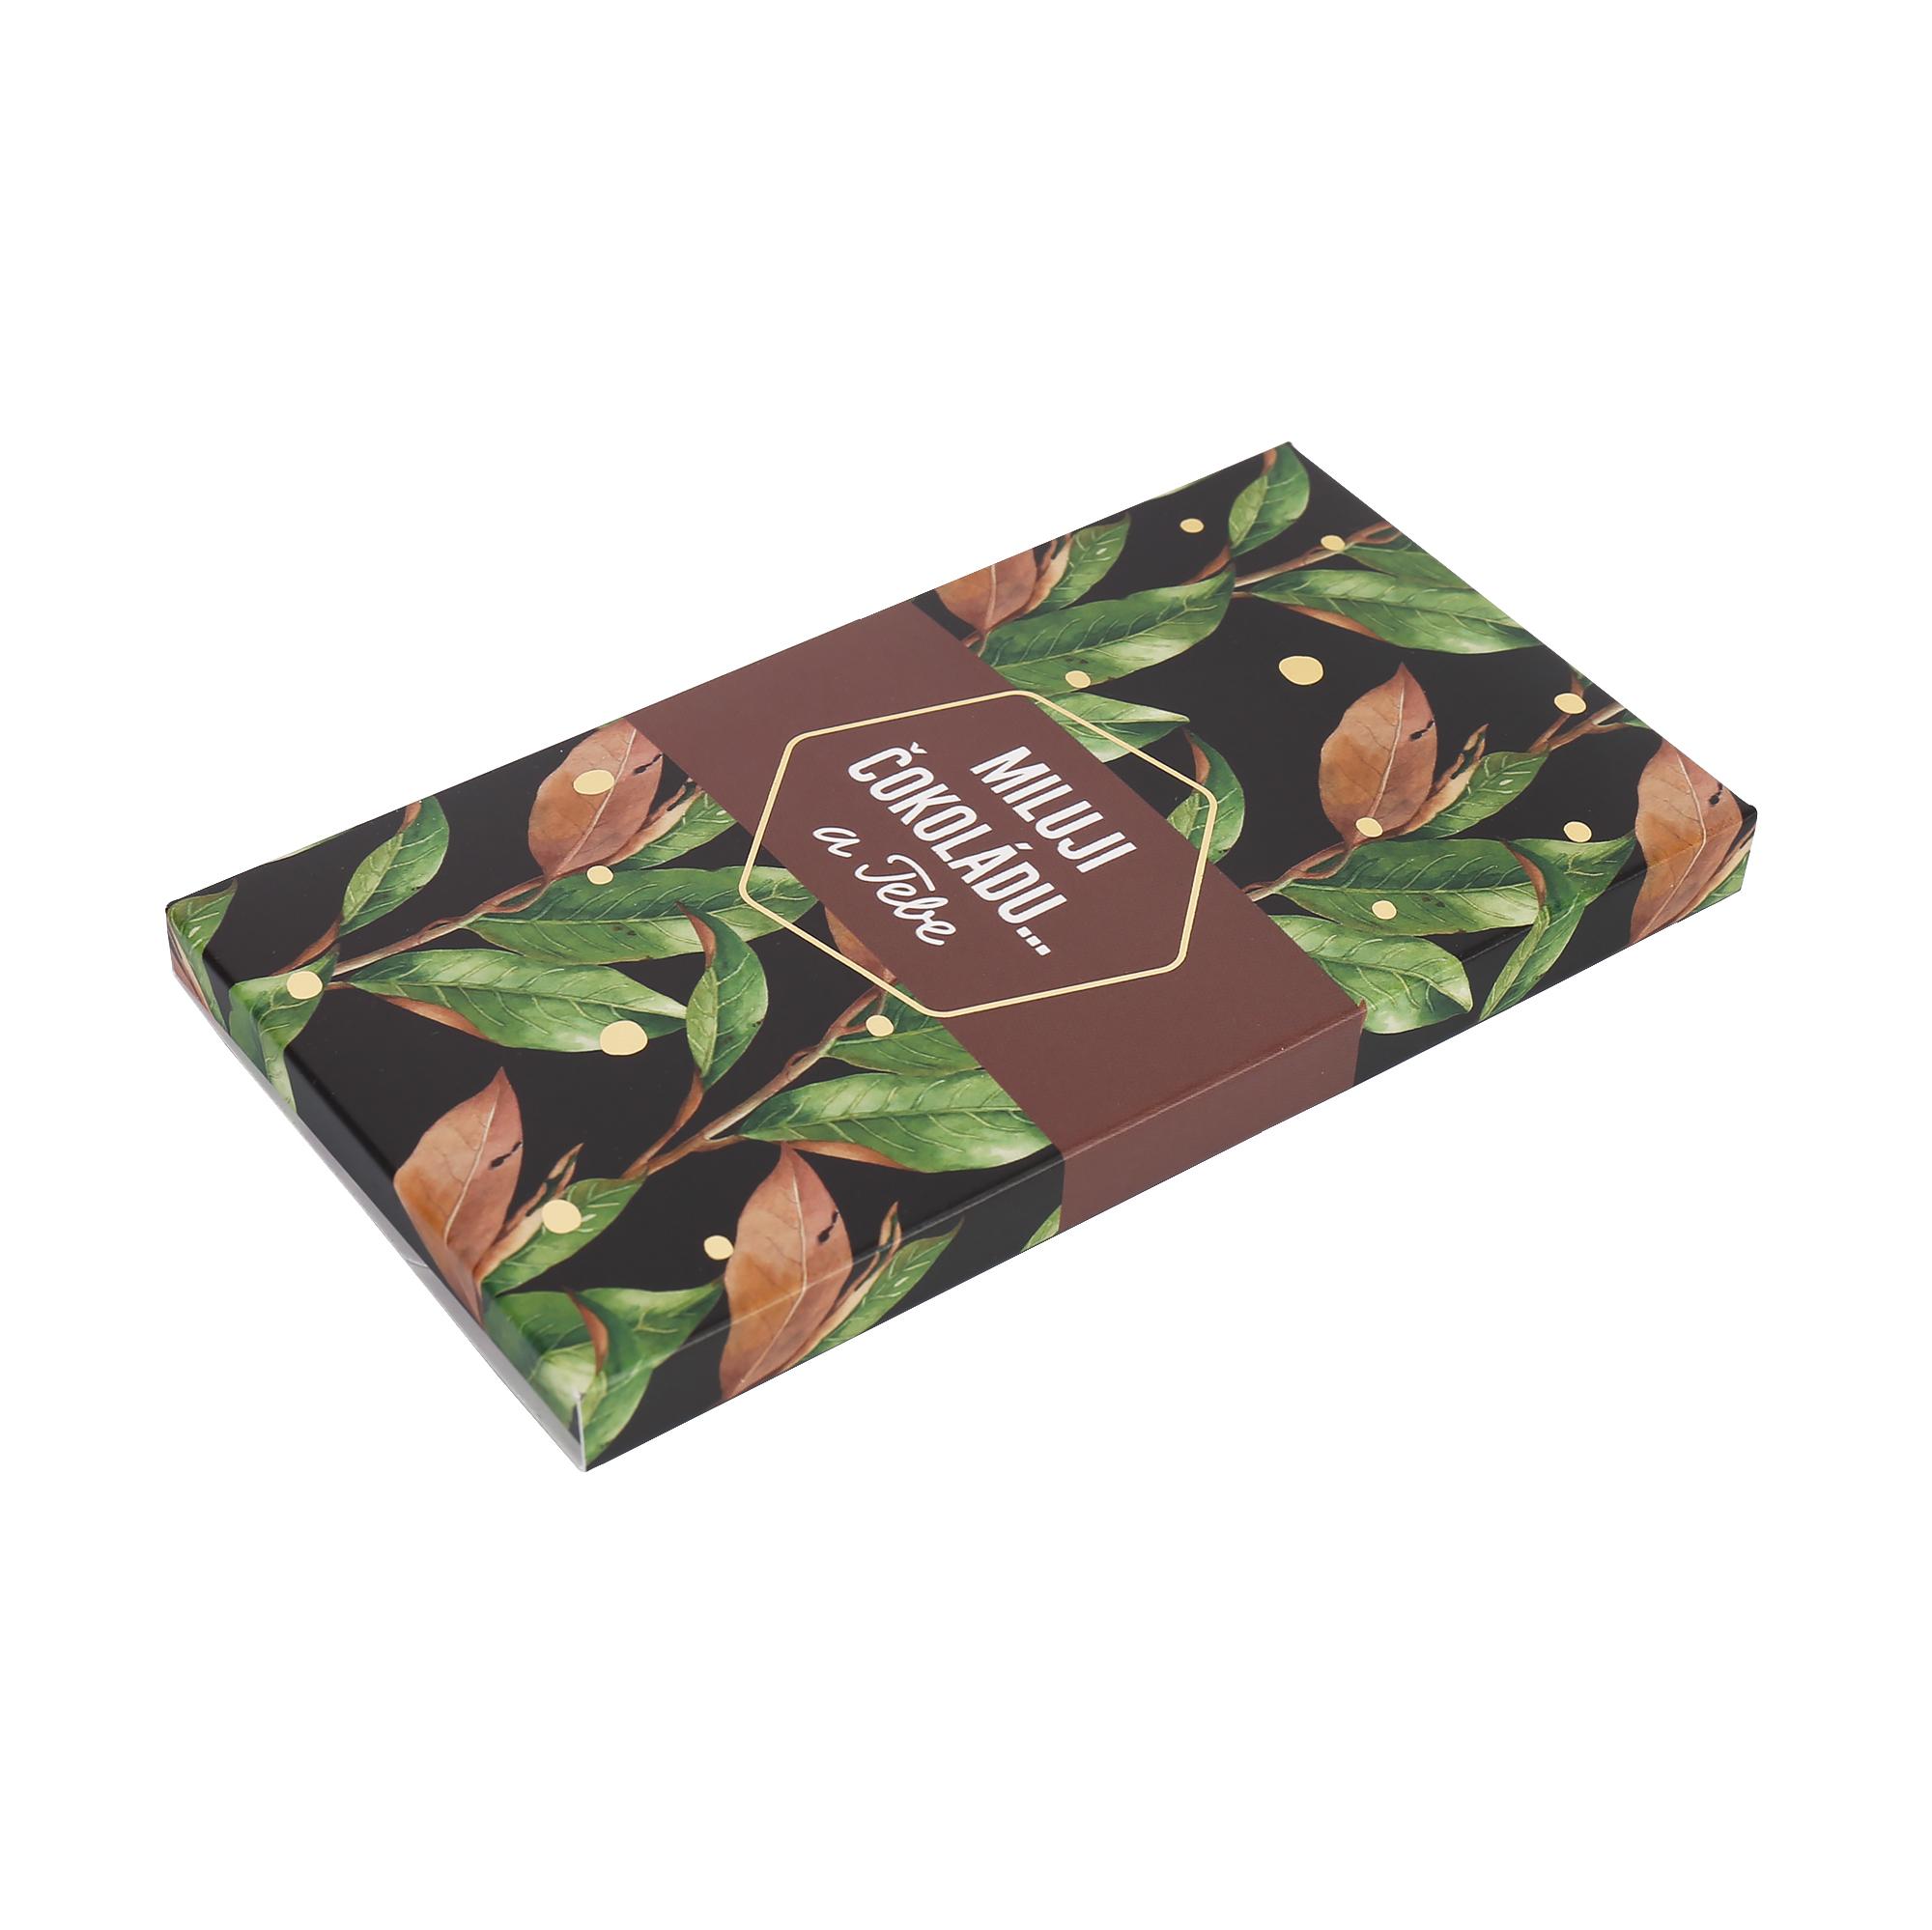 Čokoláda - Miluju čokoládu